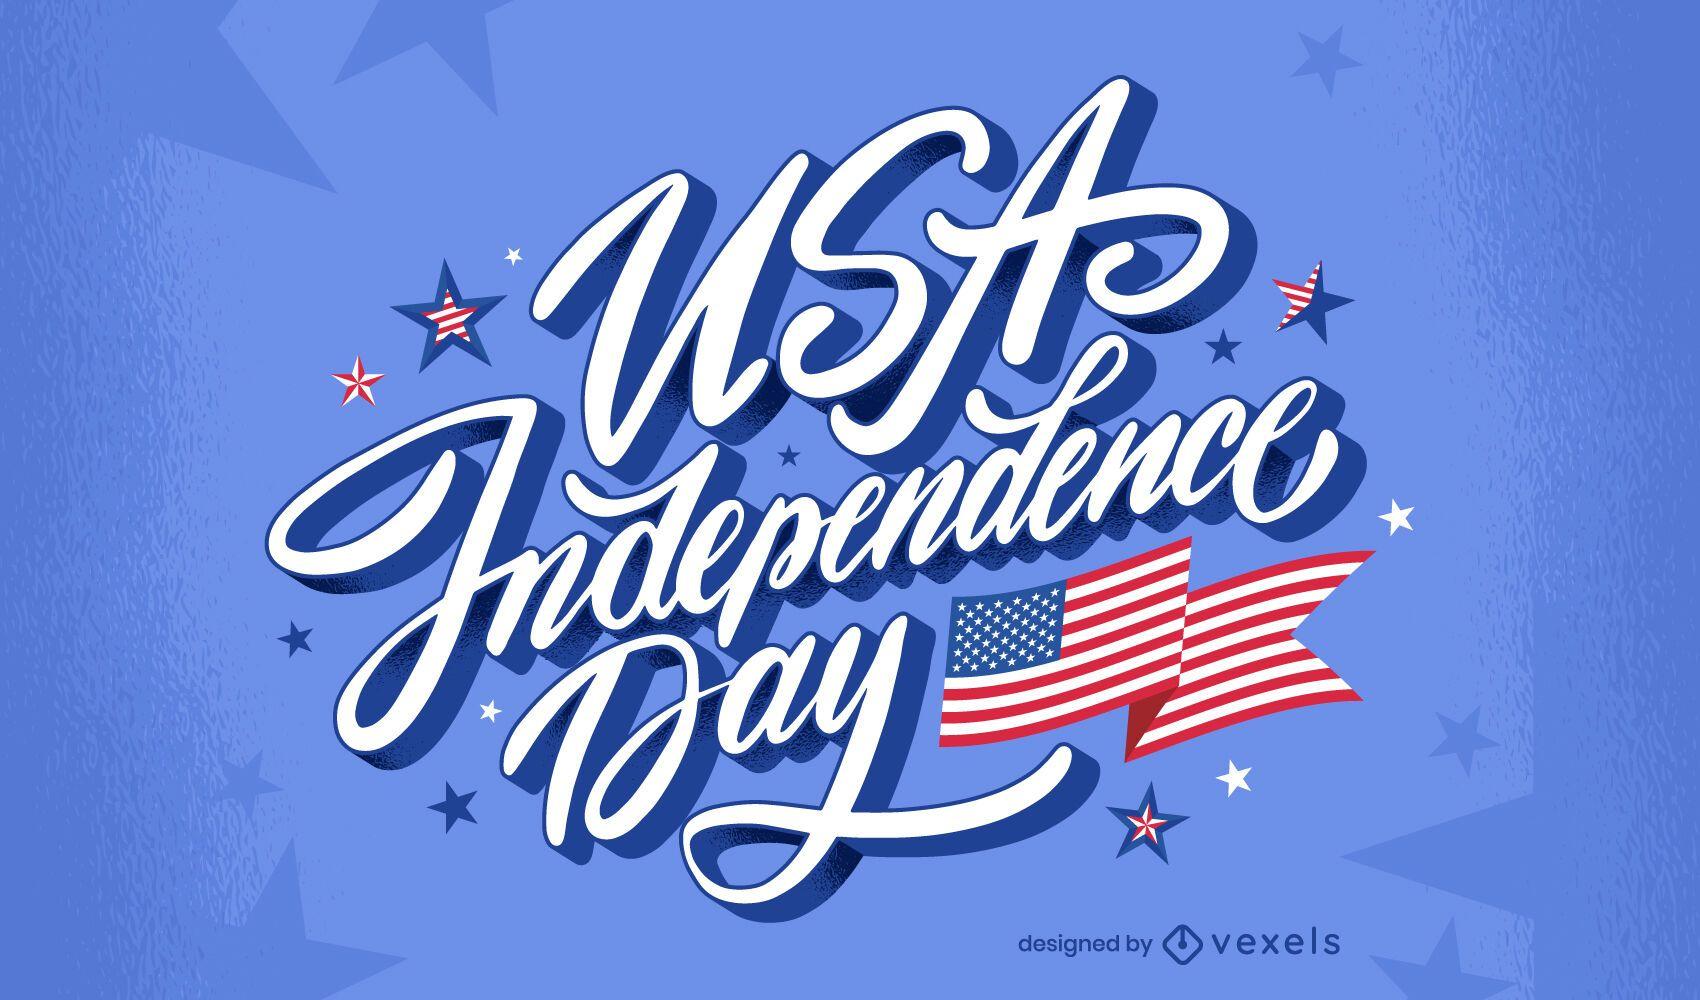 Letras de celebração do dia da independência dos EUA